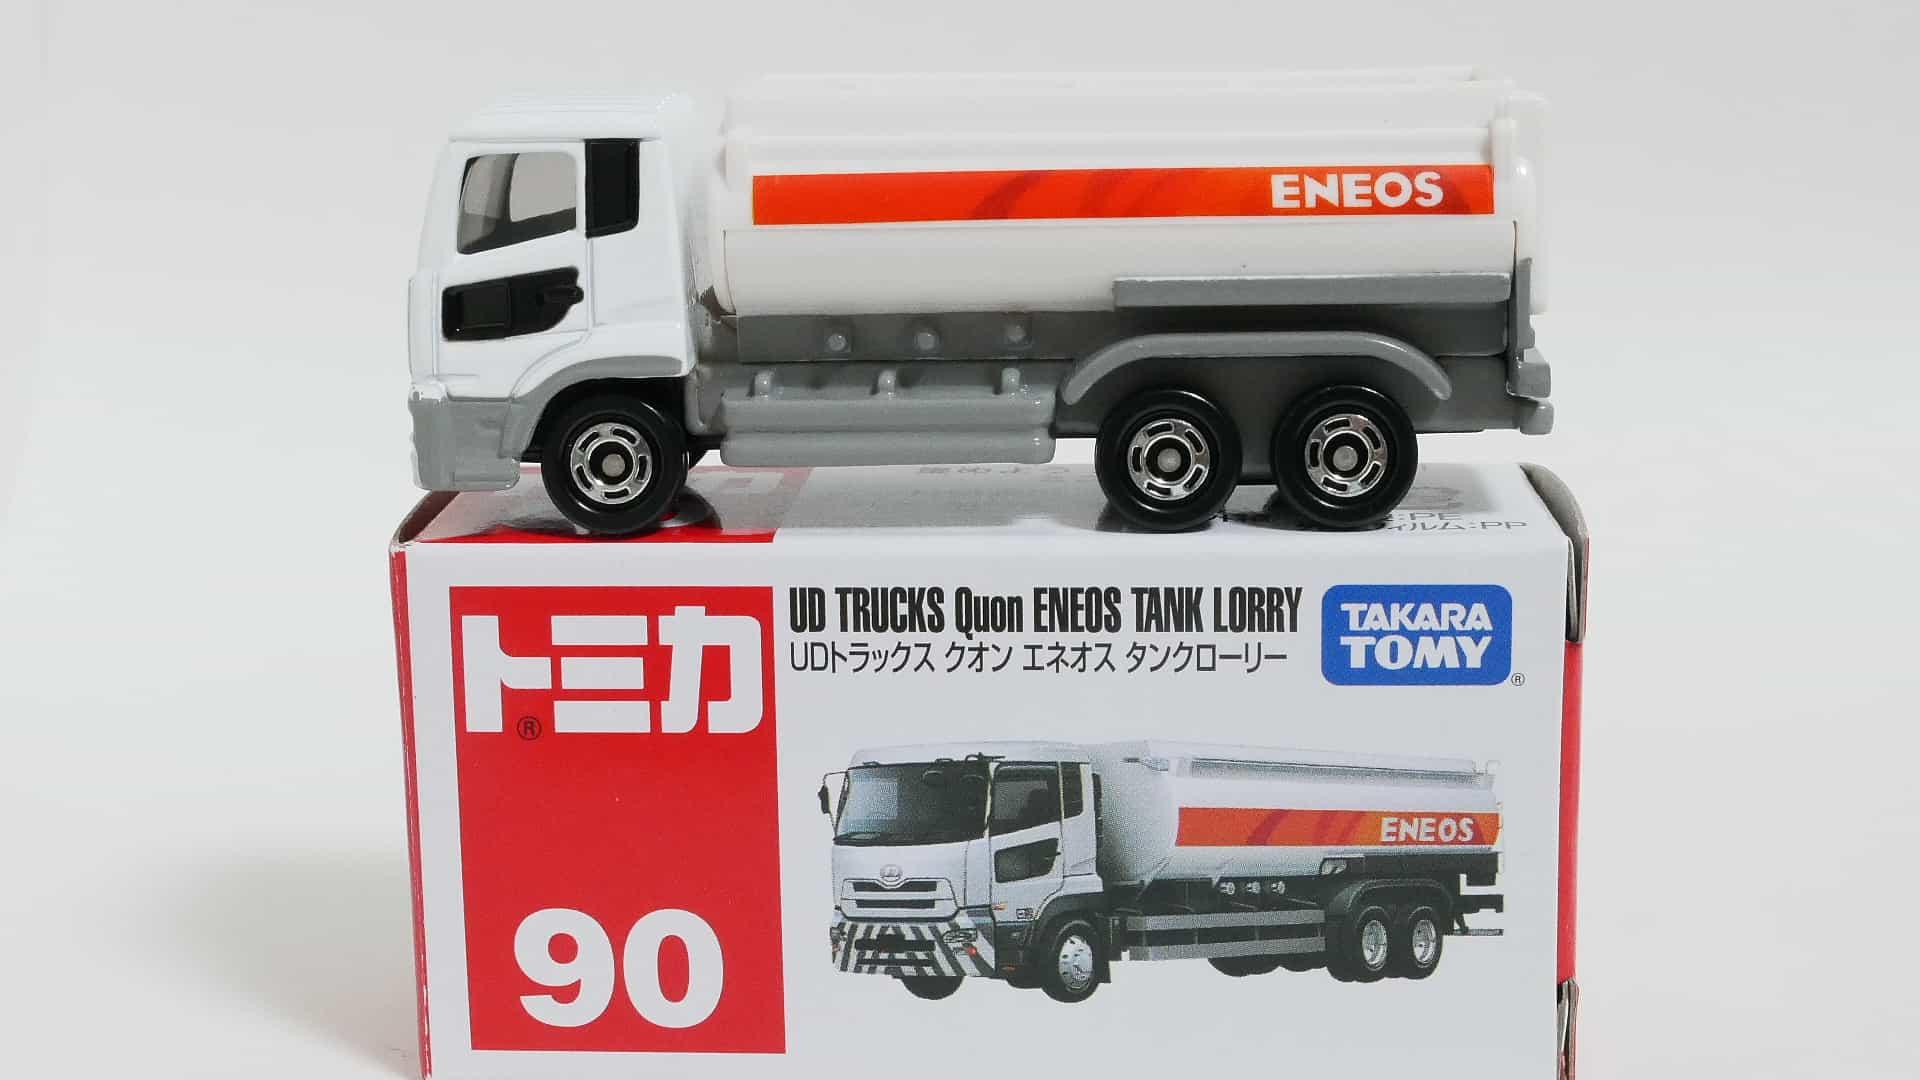 トミカNo.90-8UDトラックスクオンエネオスタンクローリー-箱